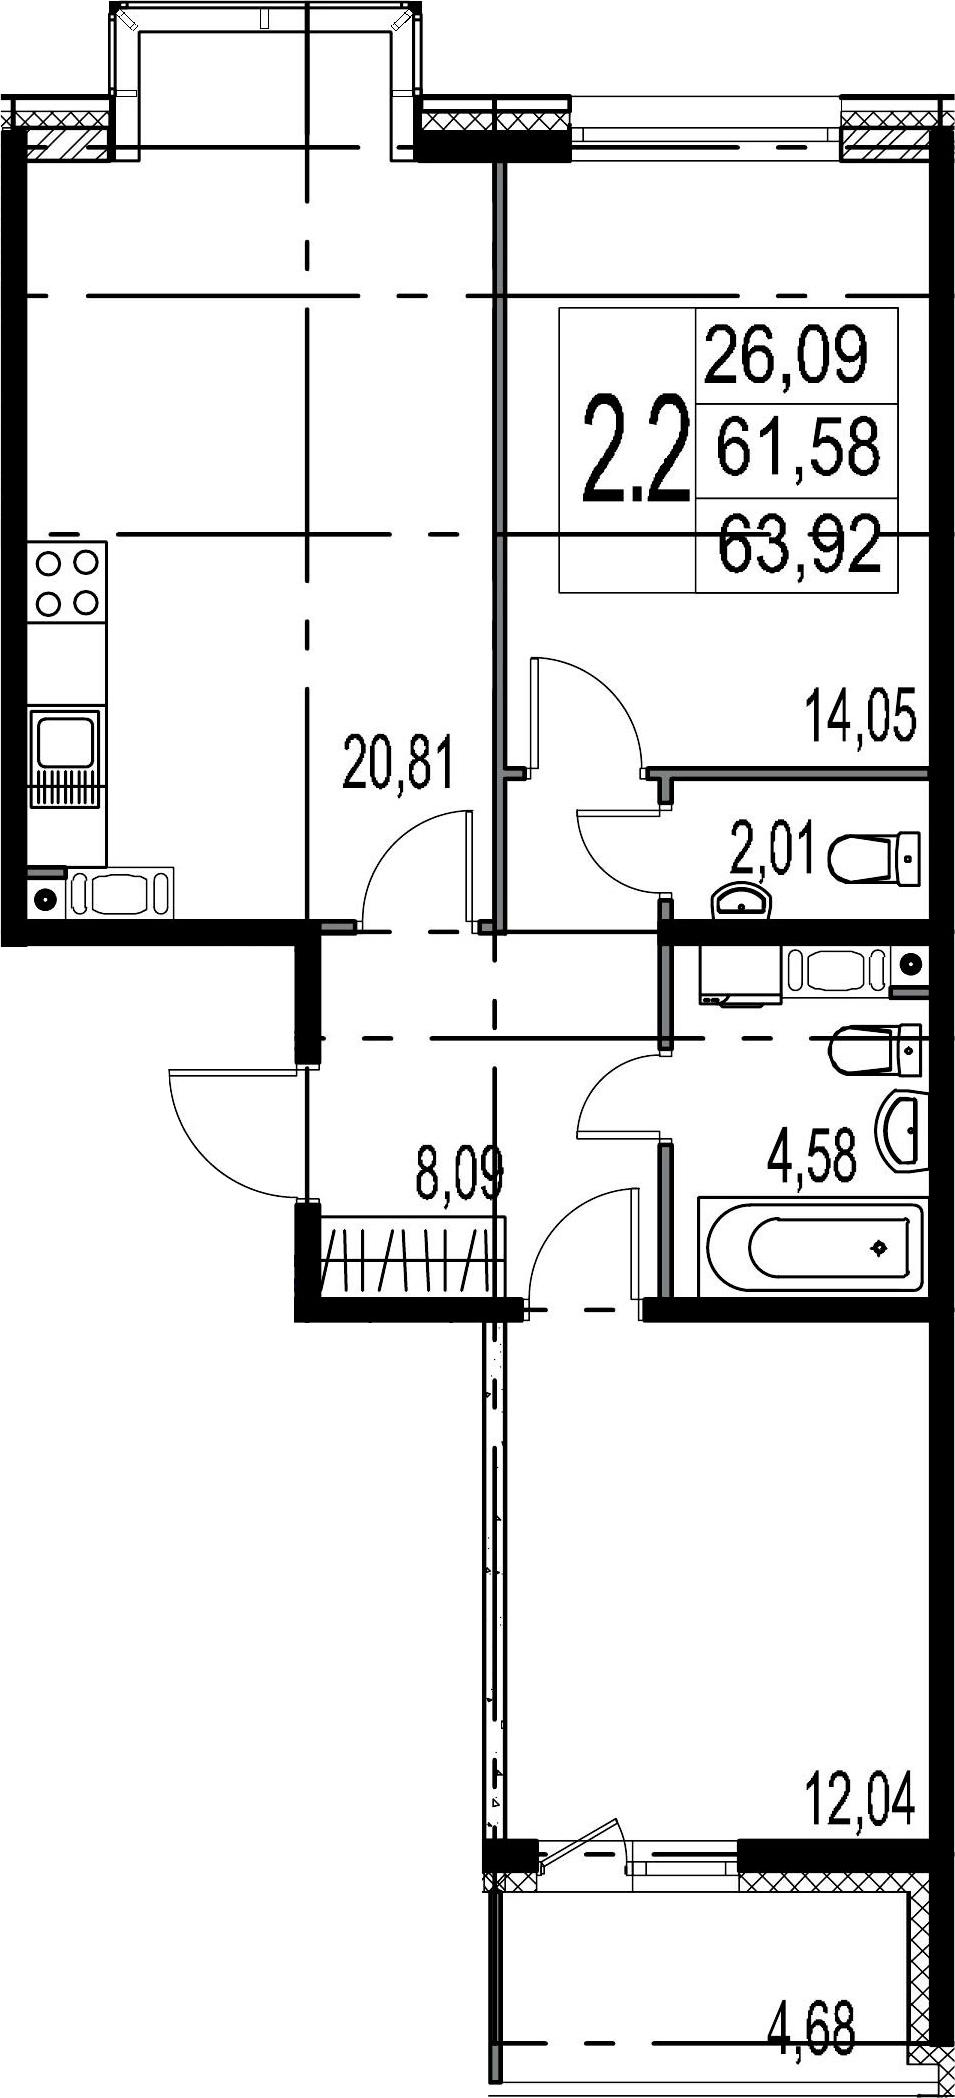 3-к.кв (евро), 66.26 м²